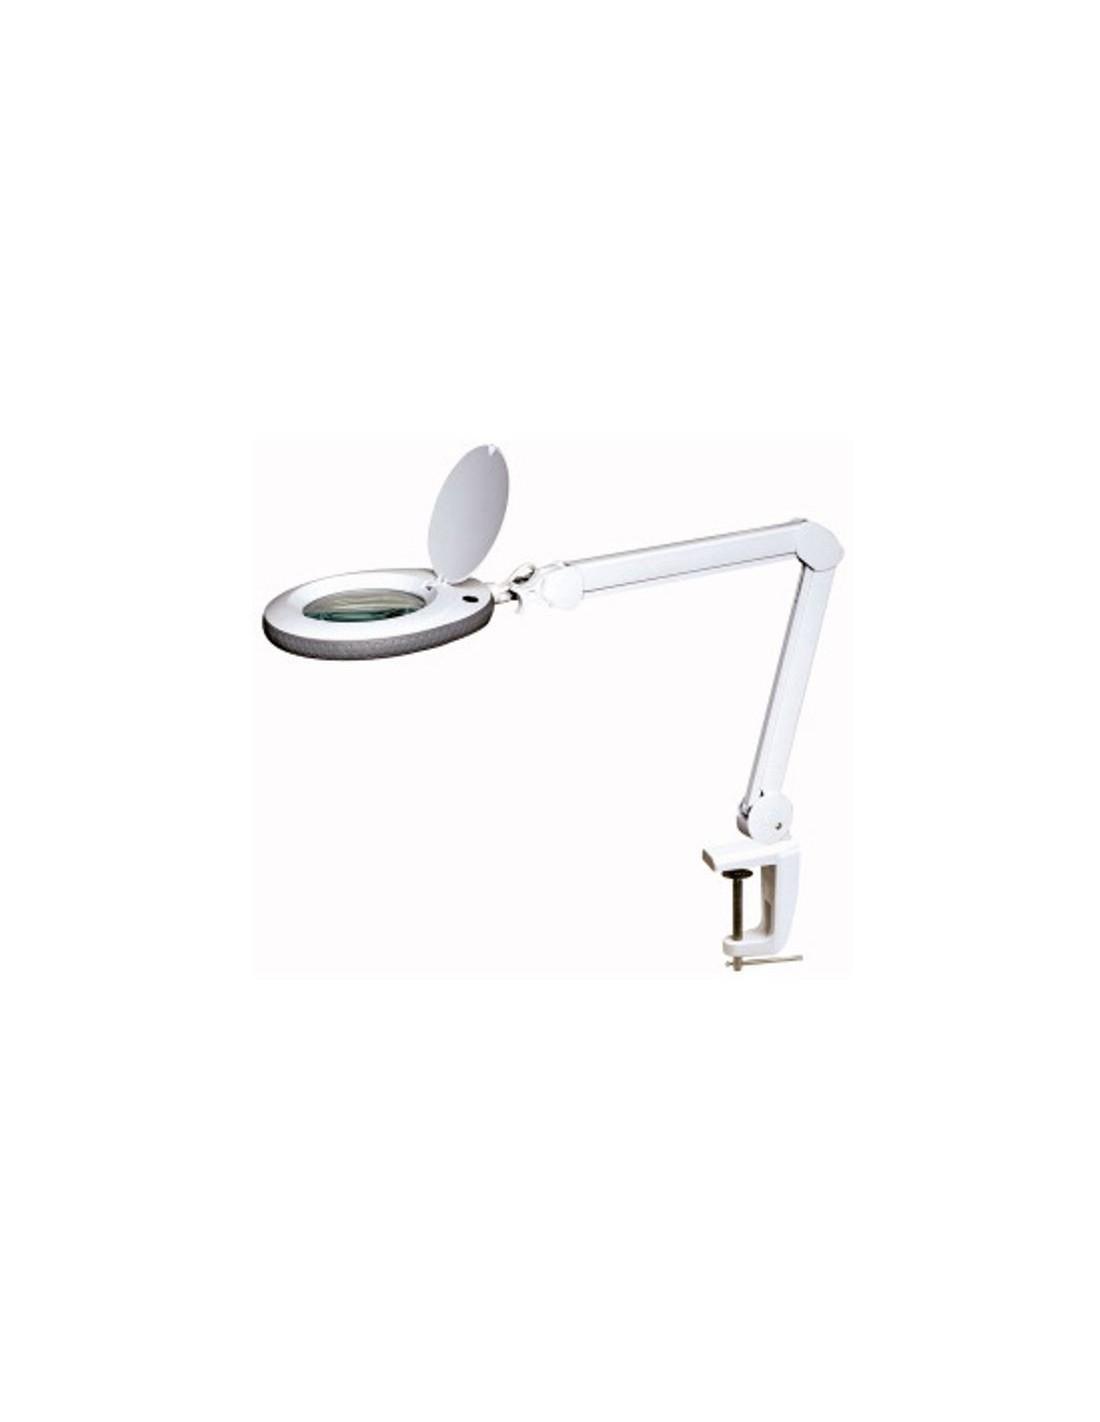 Lampade da tavolo - OrobicaStore